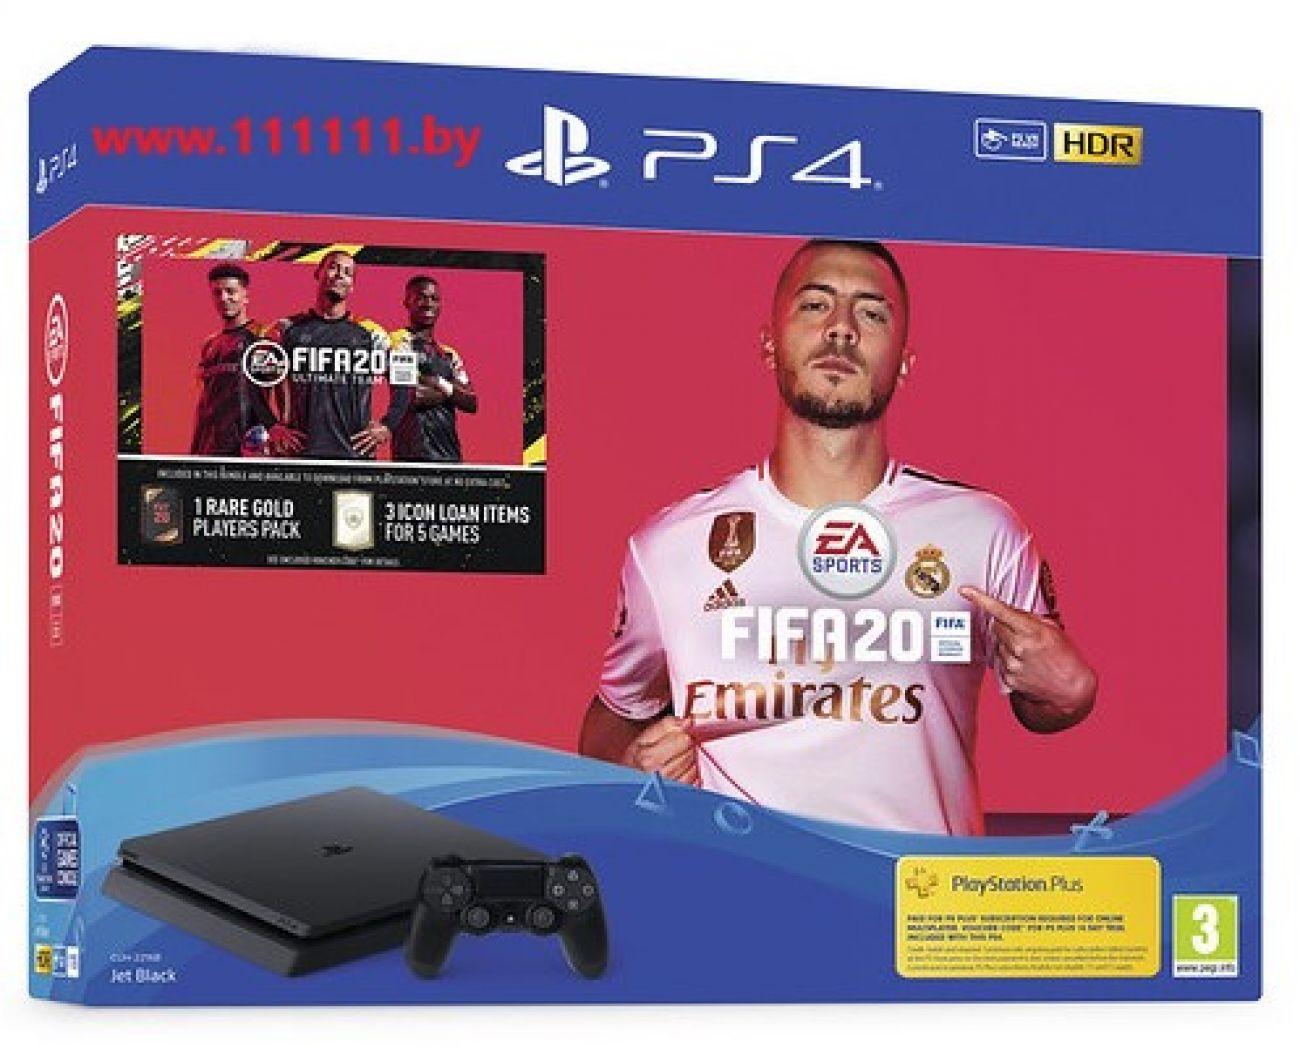 Купить PlayStation 4 - объединить престиж и азарт игры PS4 FIFA 20.